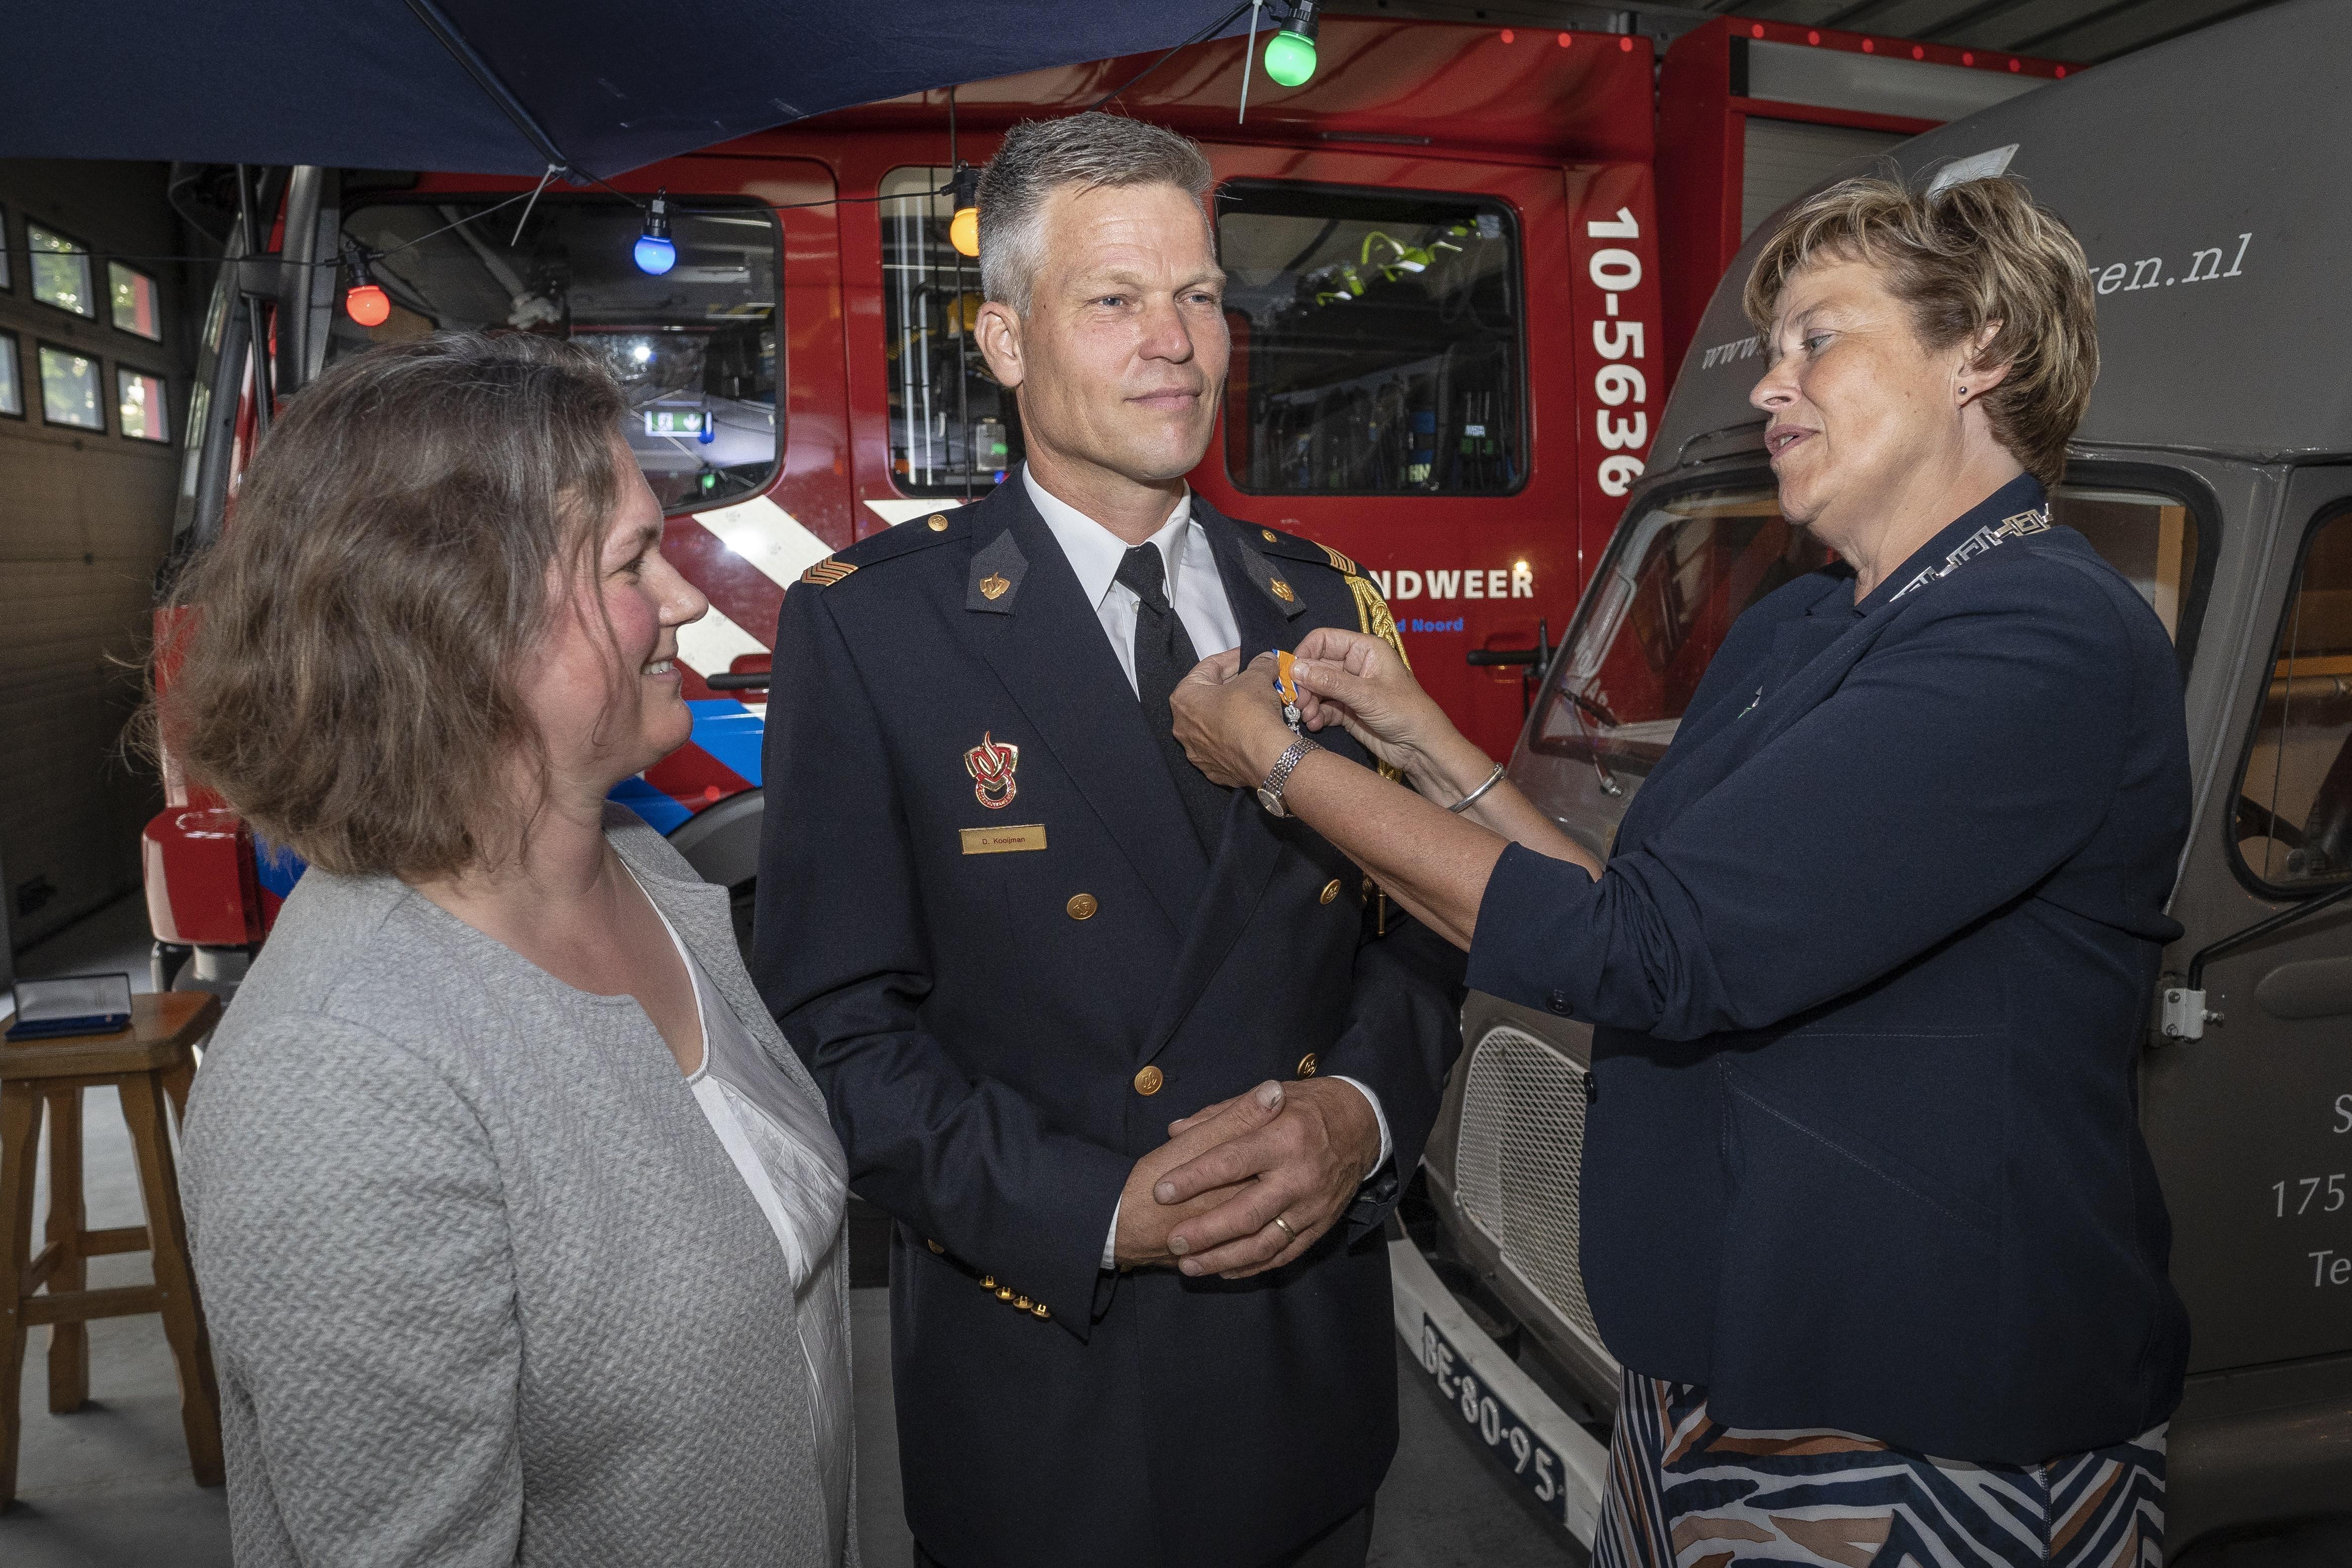 Twee toppers bij vrijwillige brandweer Schagerbrug onderscheiden - Noordhollands Dagblad